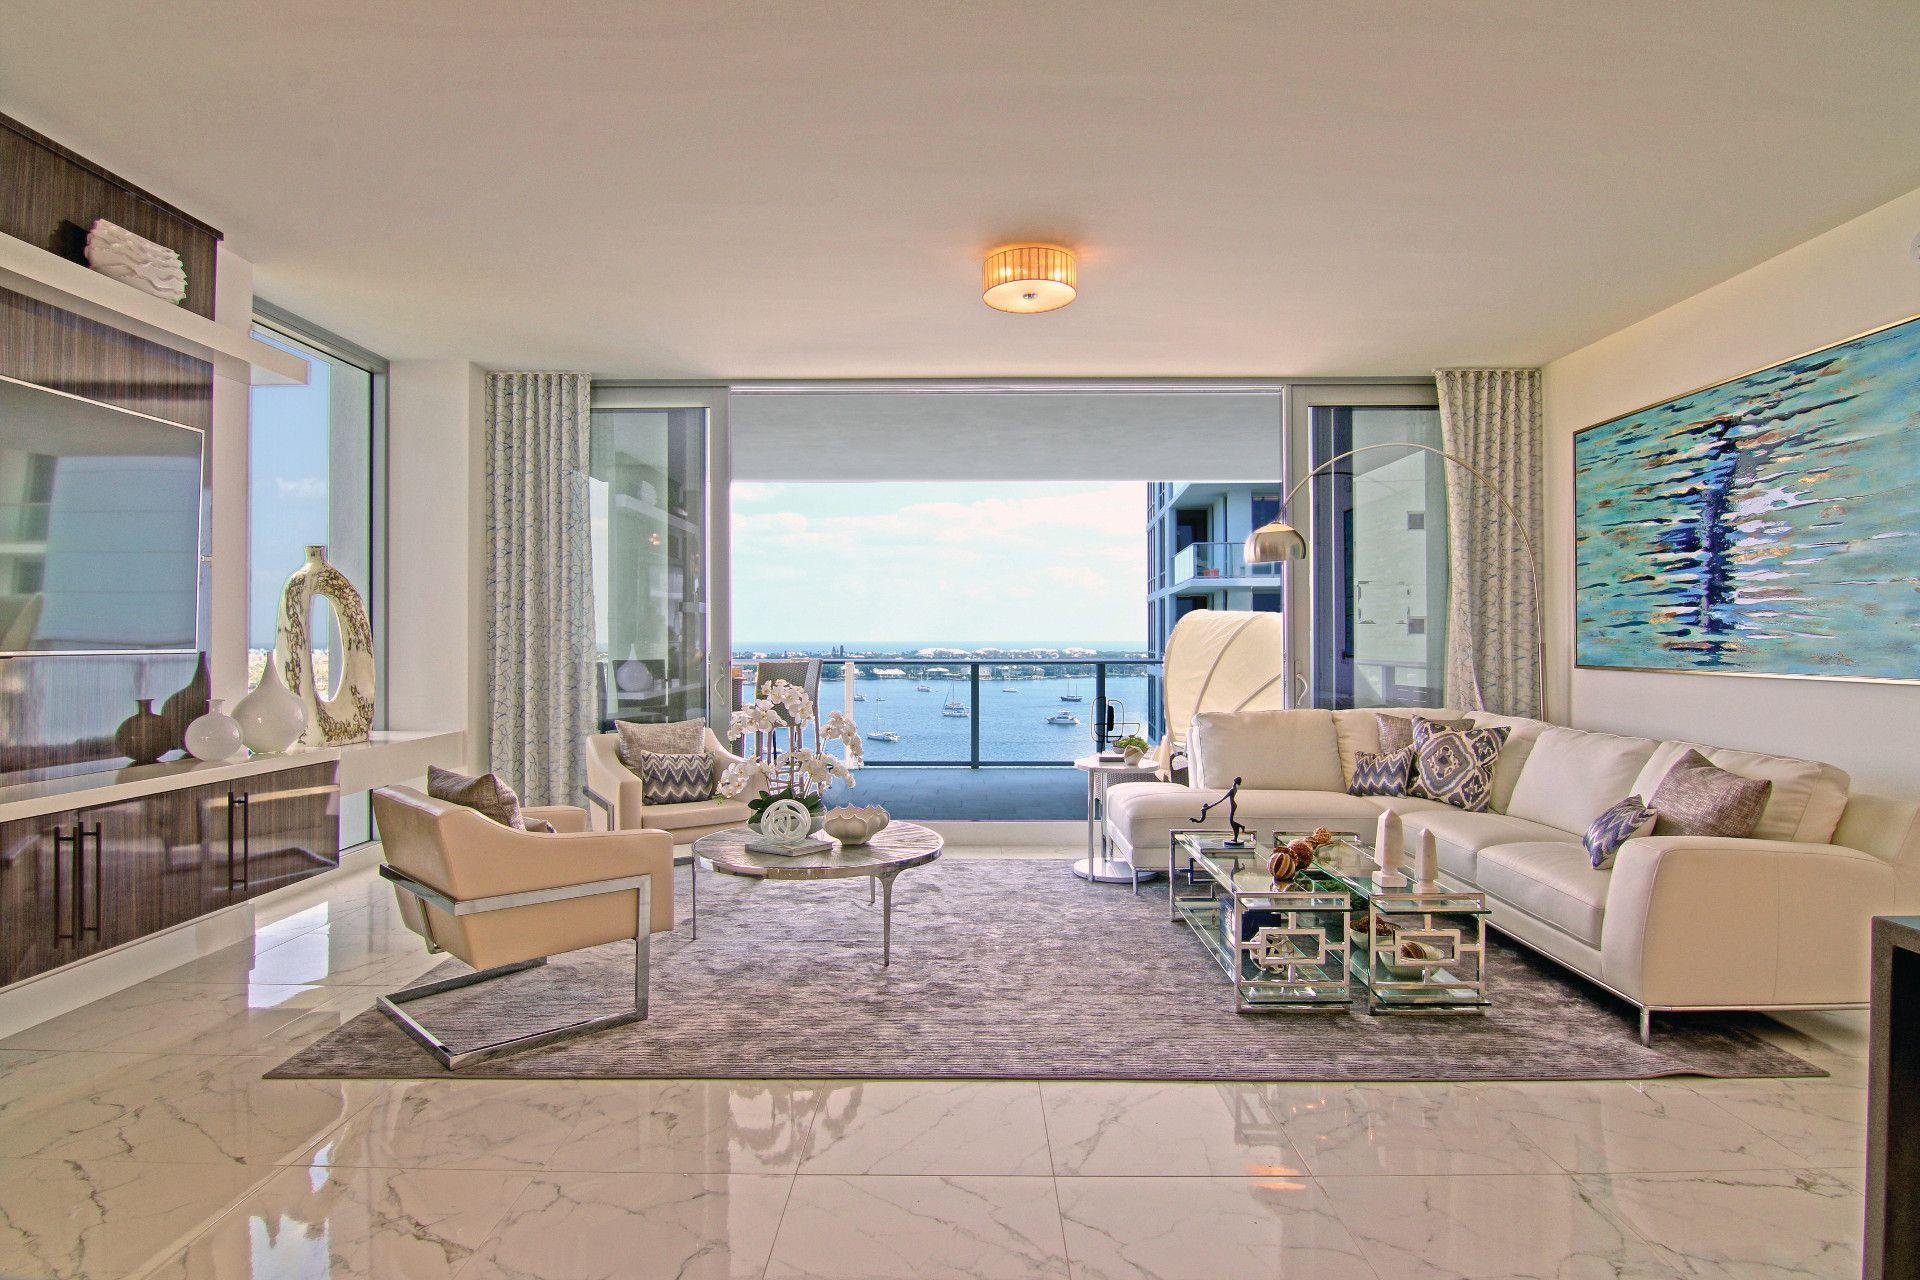 Beach Condo Living Room Ideas | www.resnooze.com